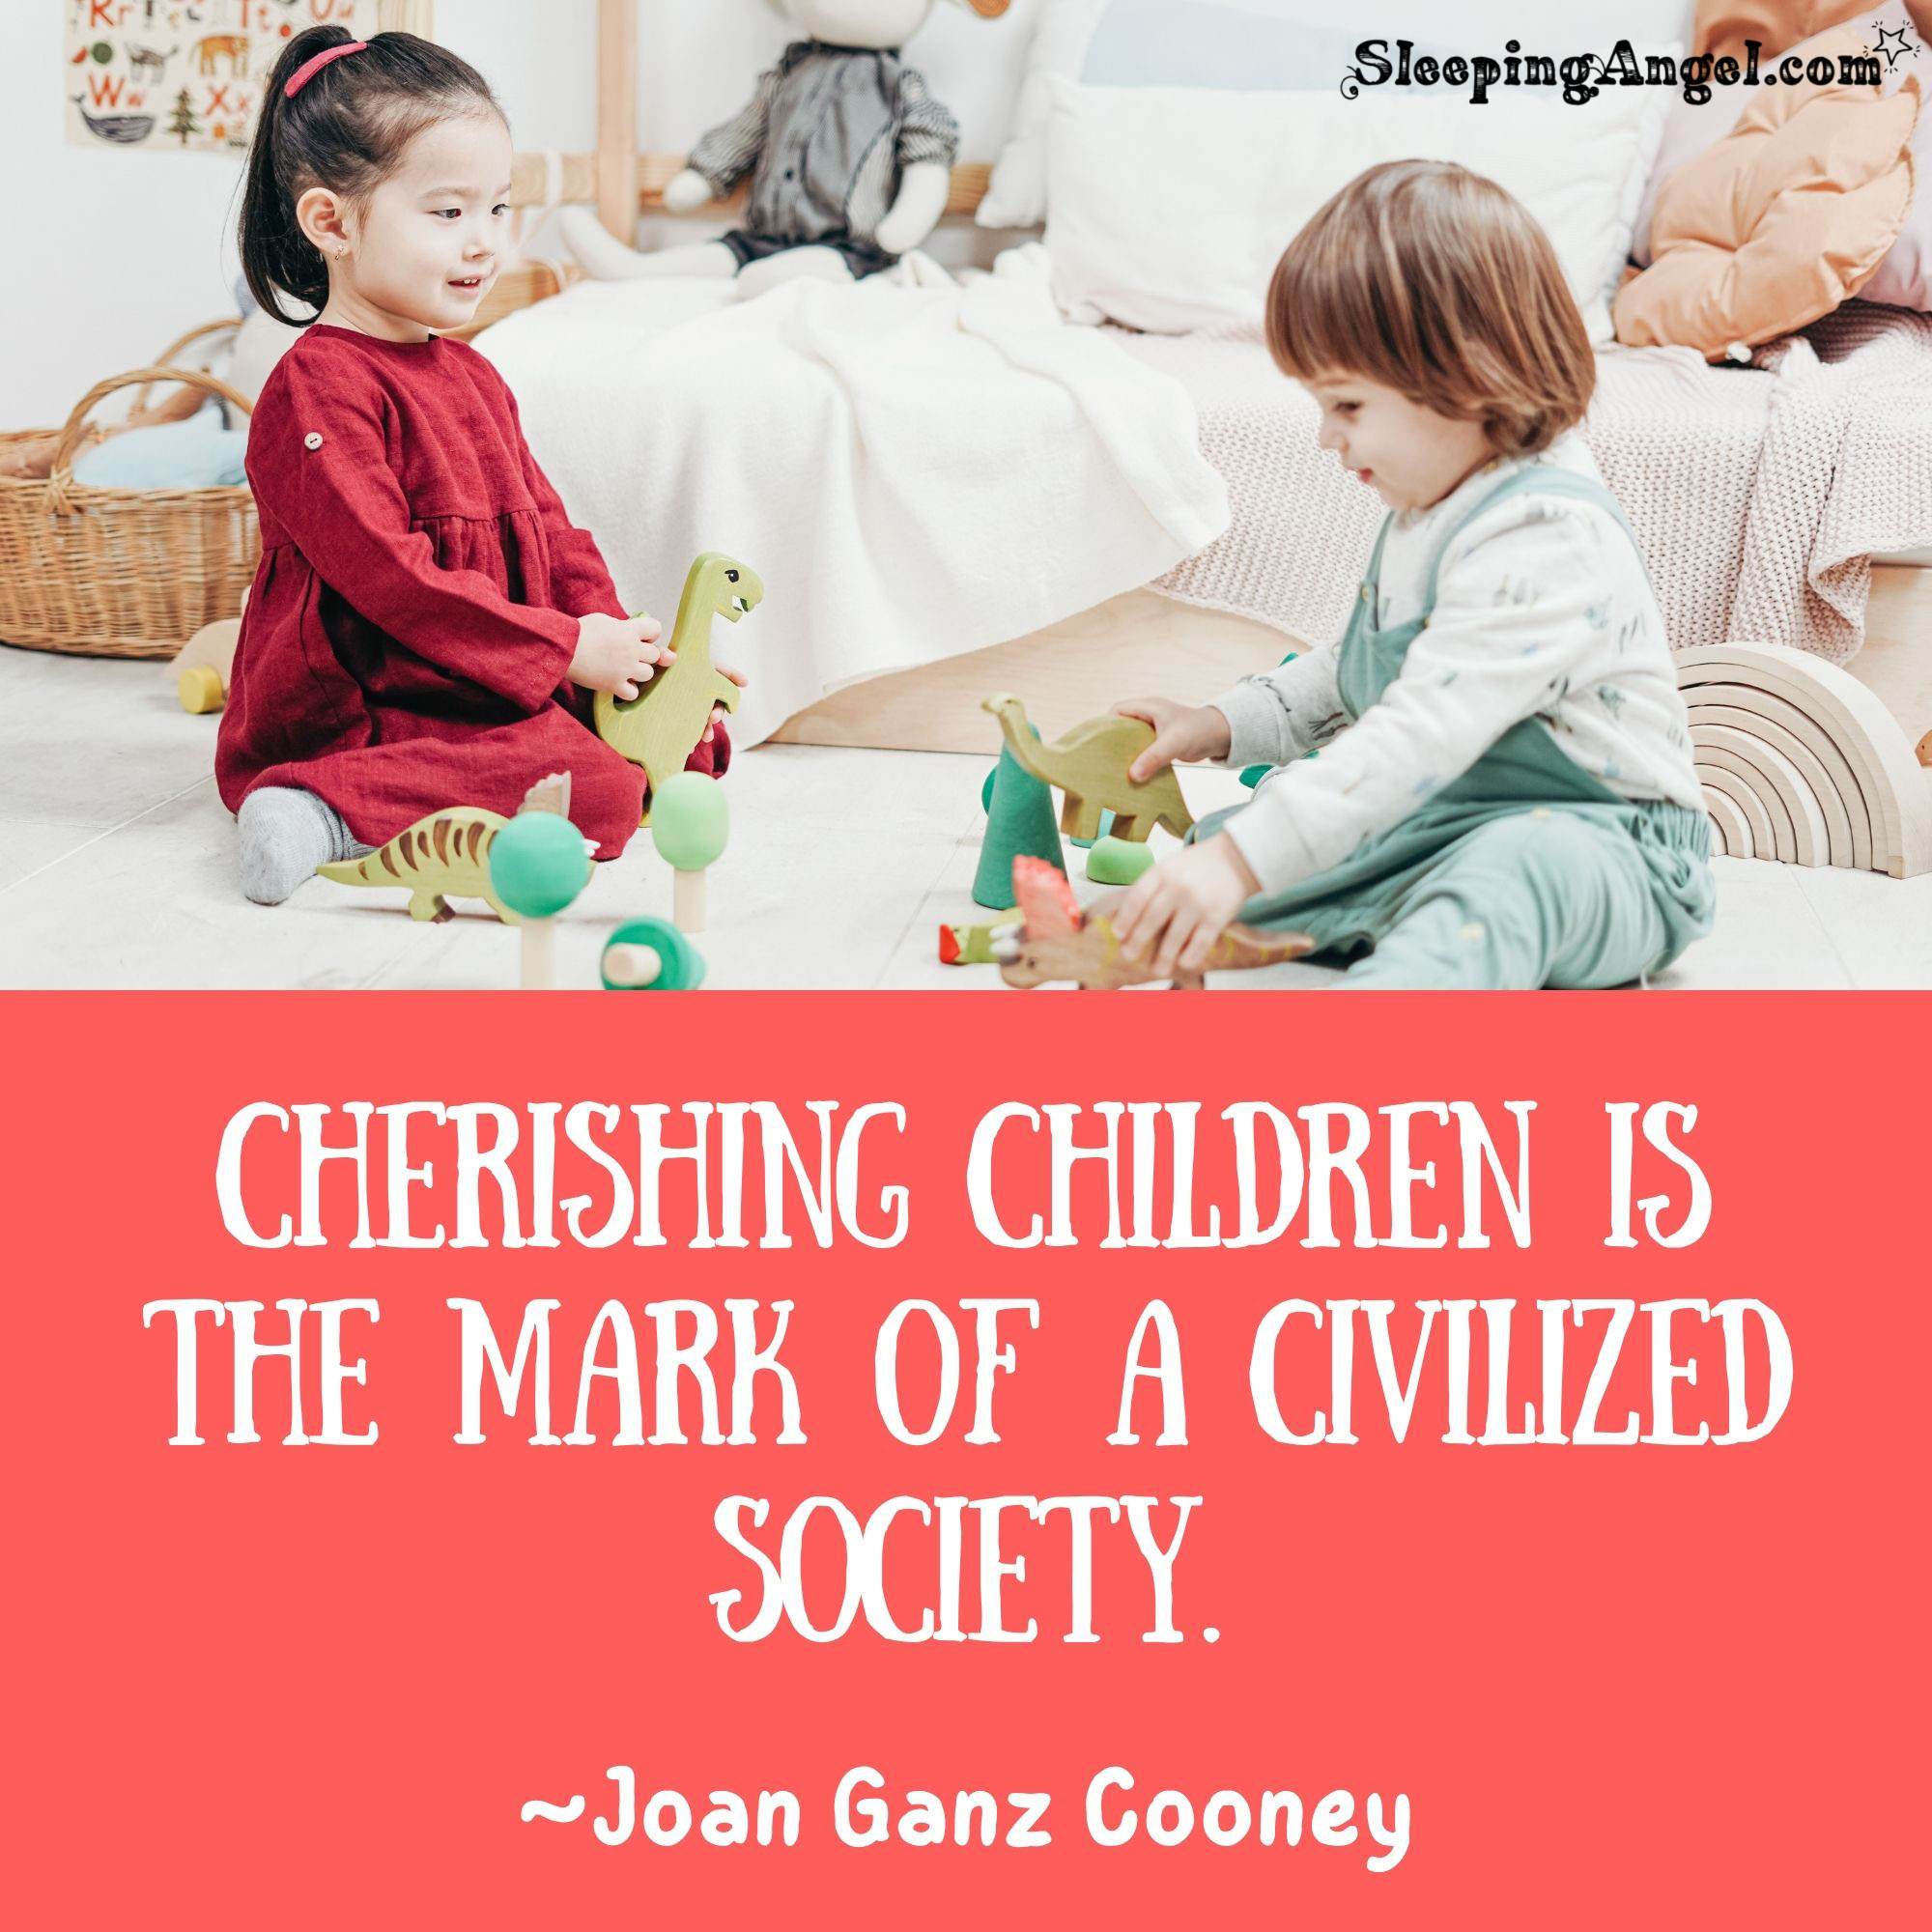 Cherishing Children Quote